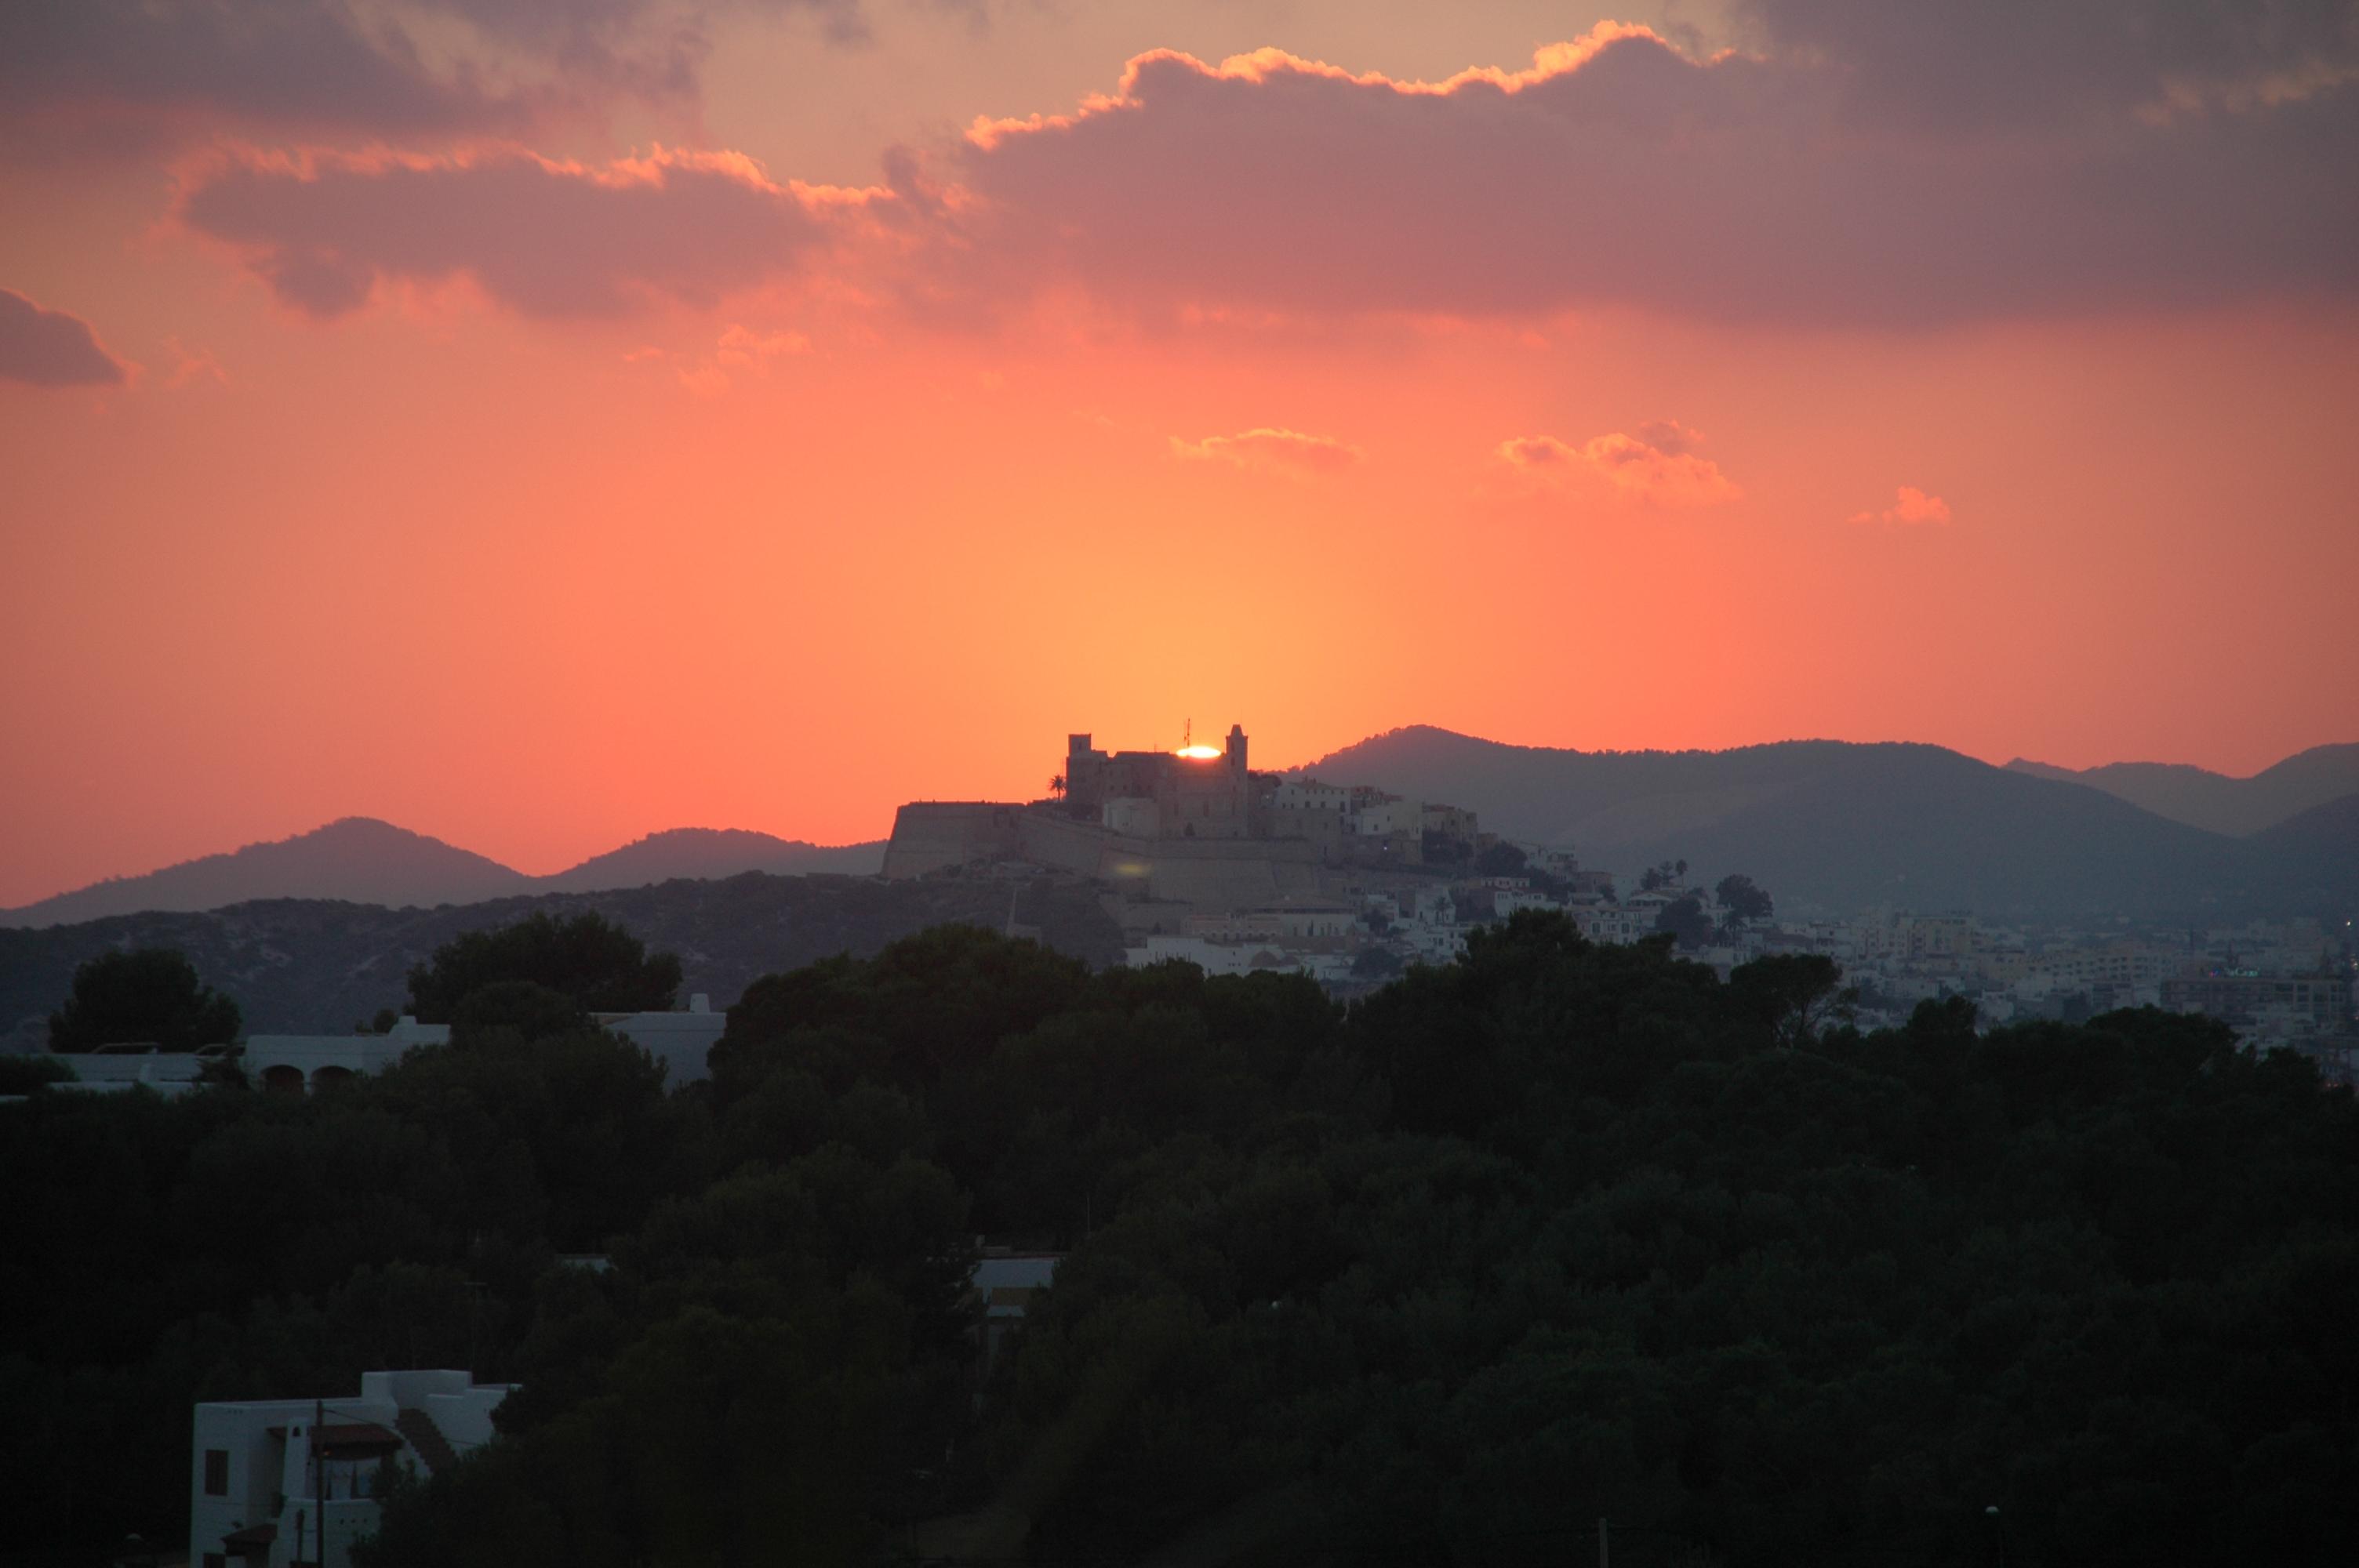 CanHedone_17-SunsetDaltVilla.JPG